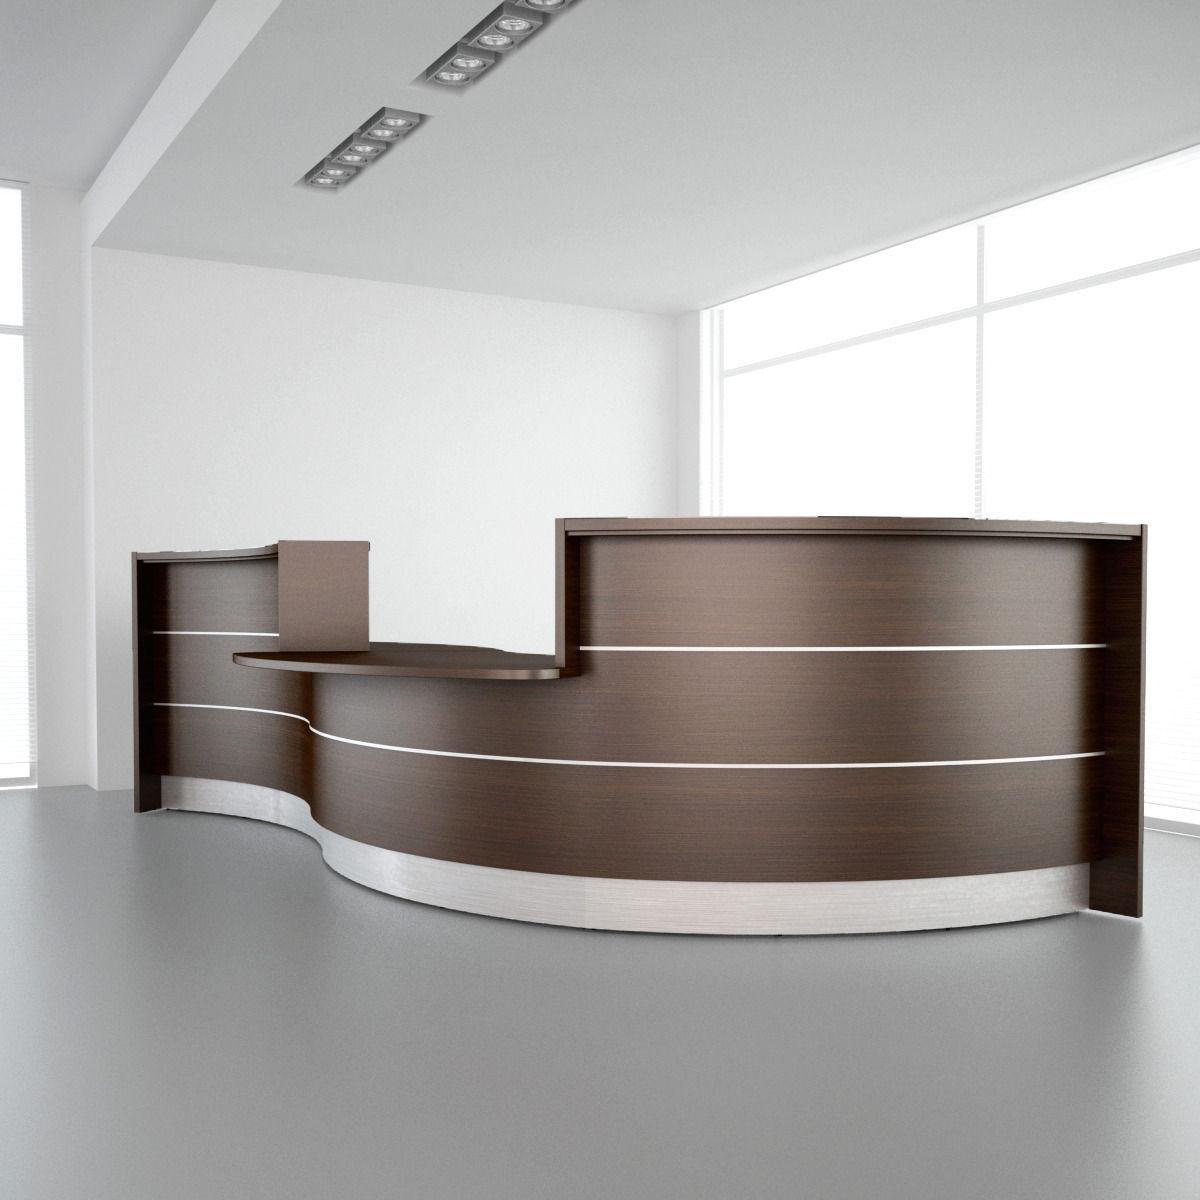 Reception Desk 01 3d Model Max Obj Fbx 1